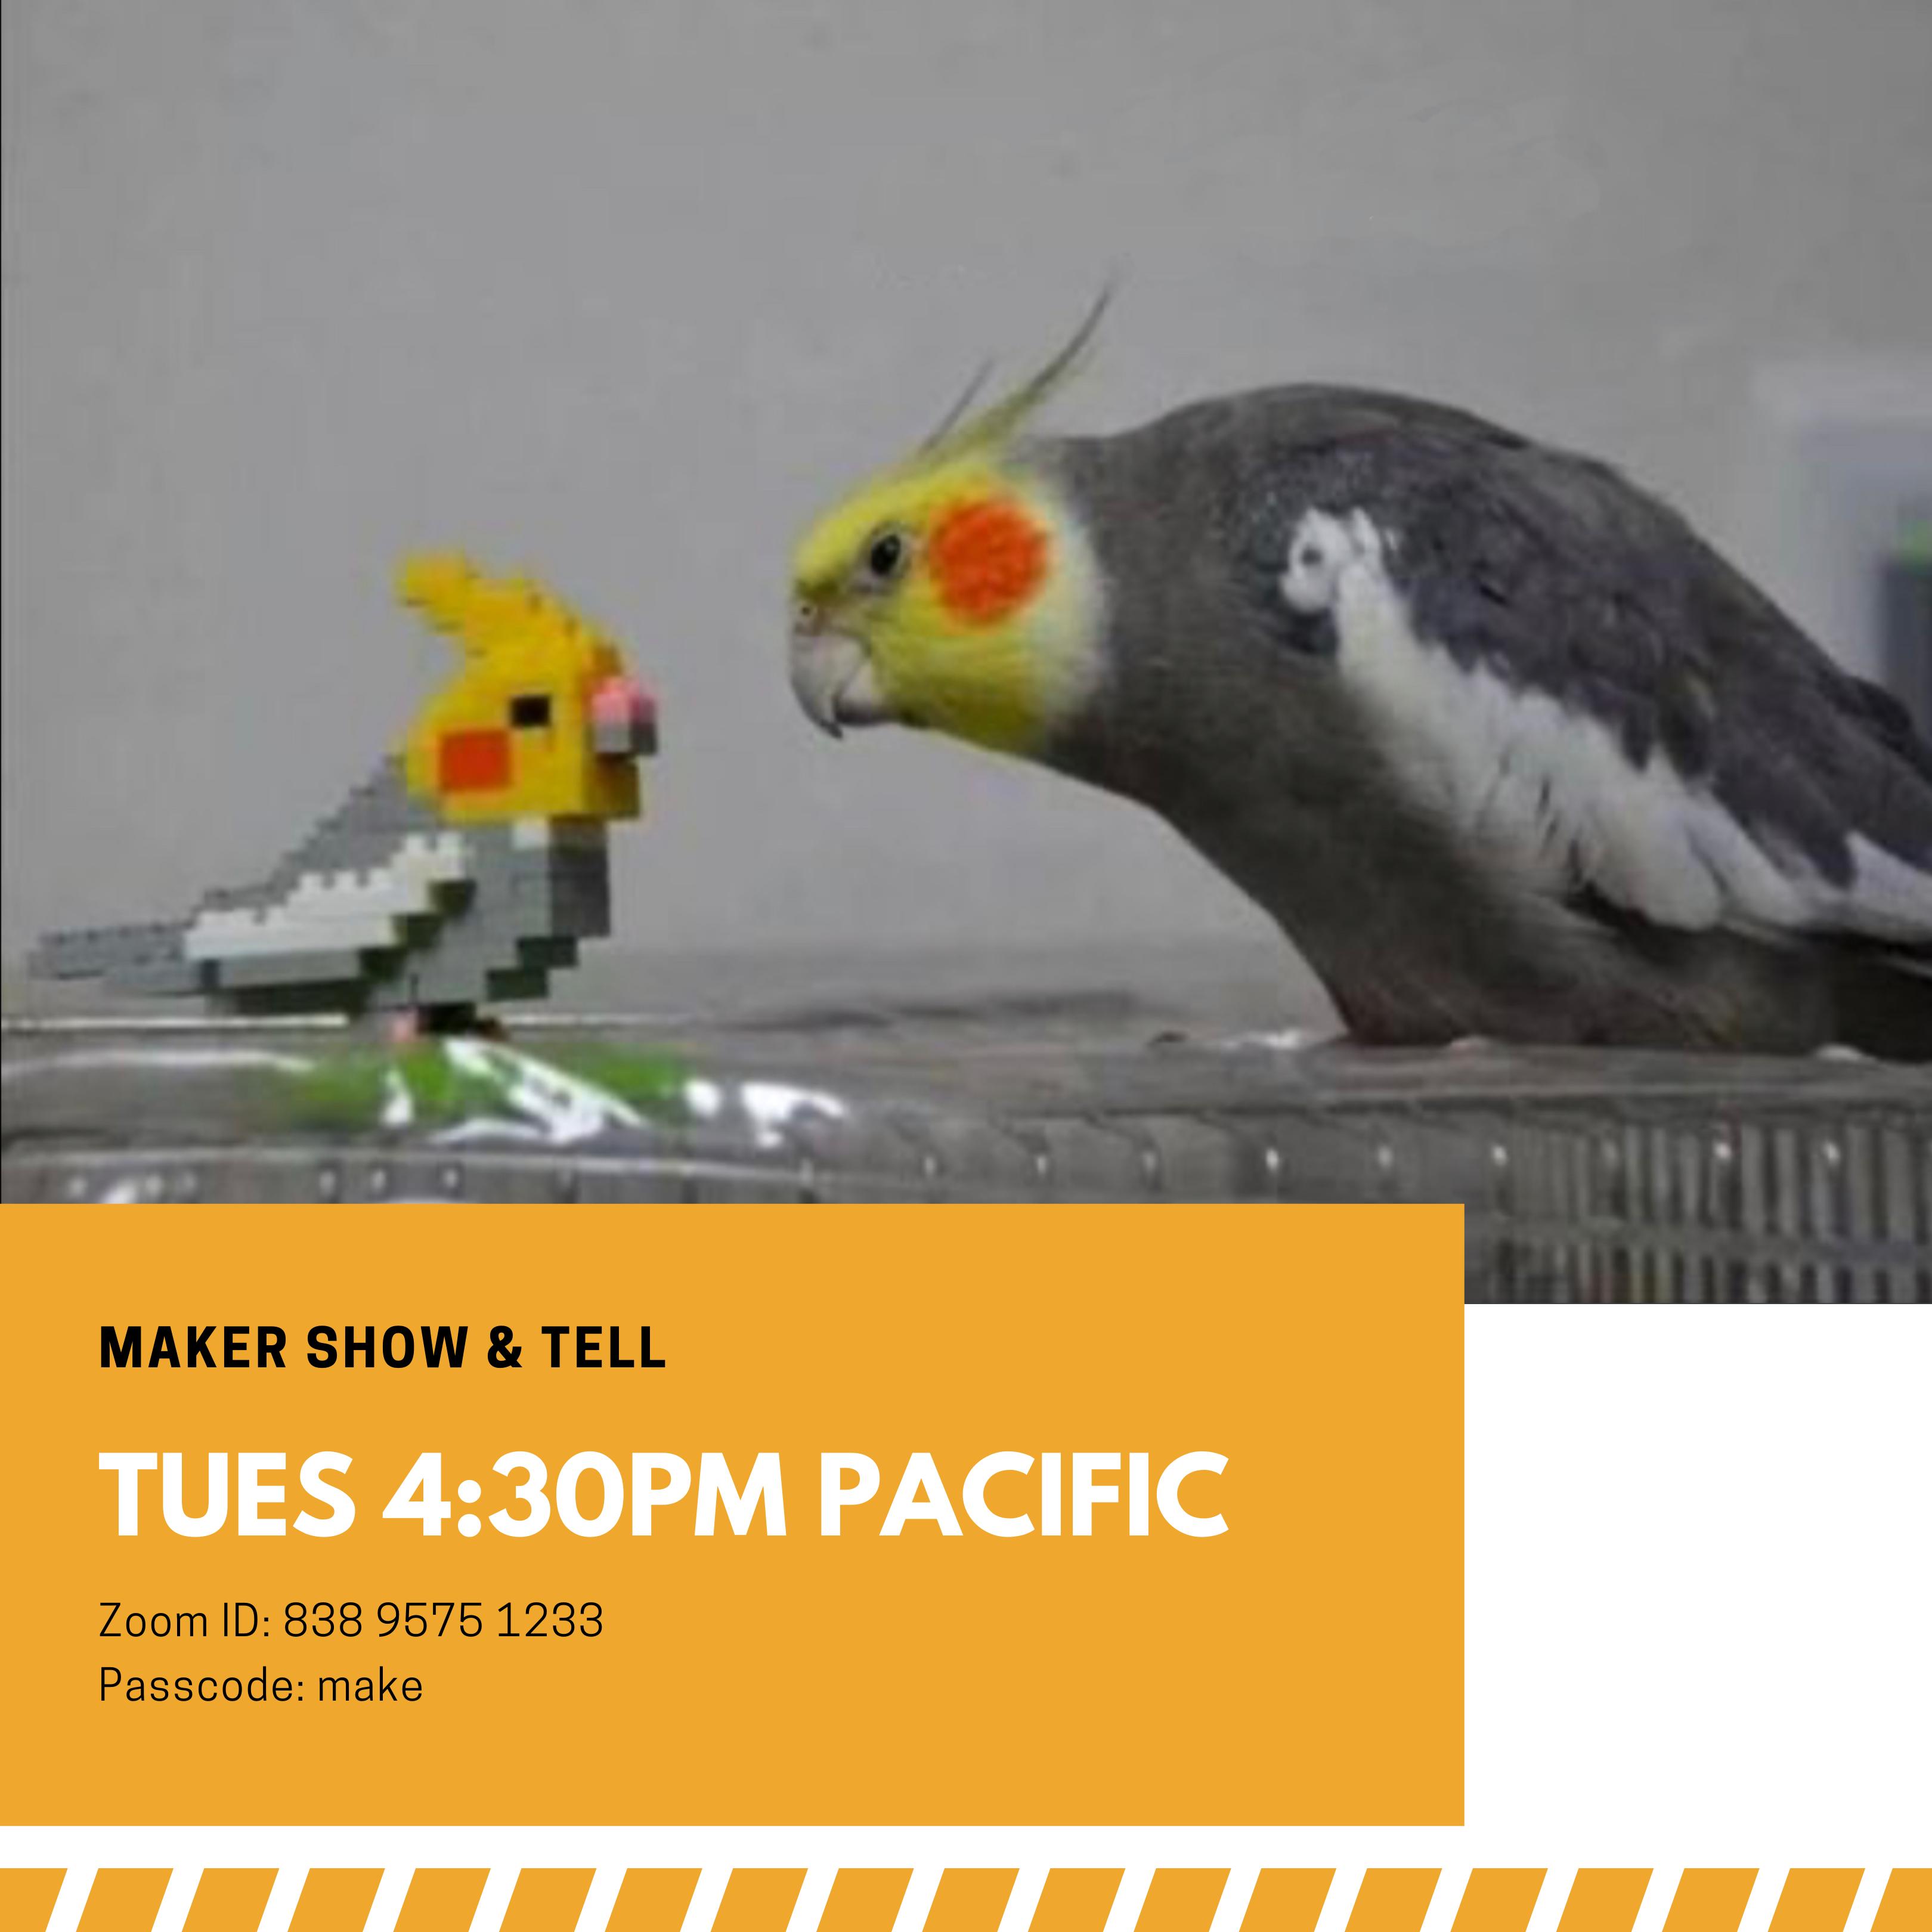 Maker Show & Tell